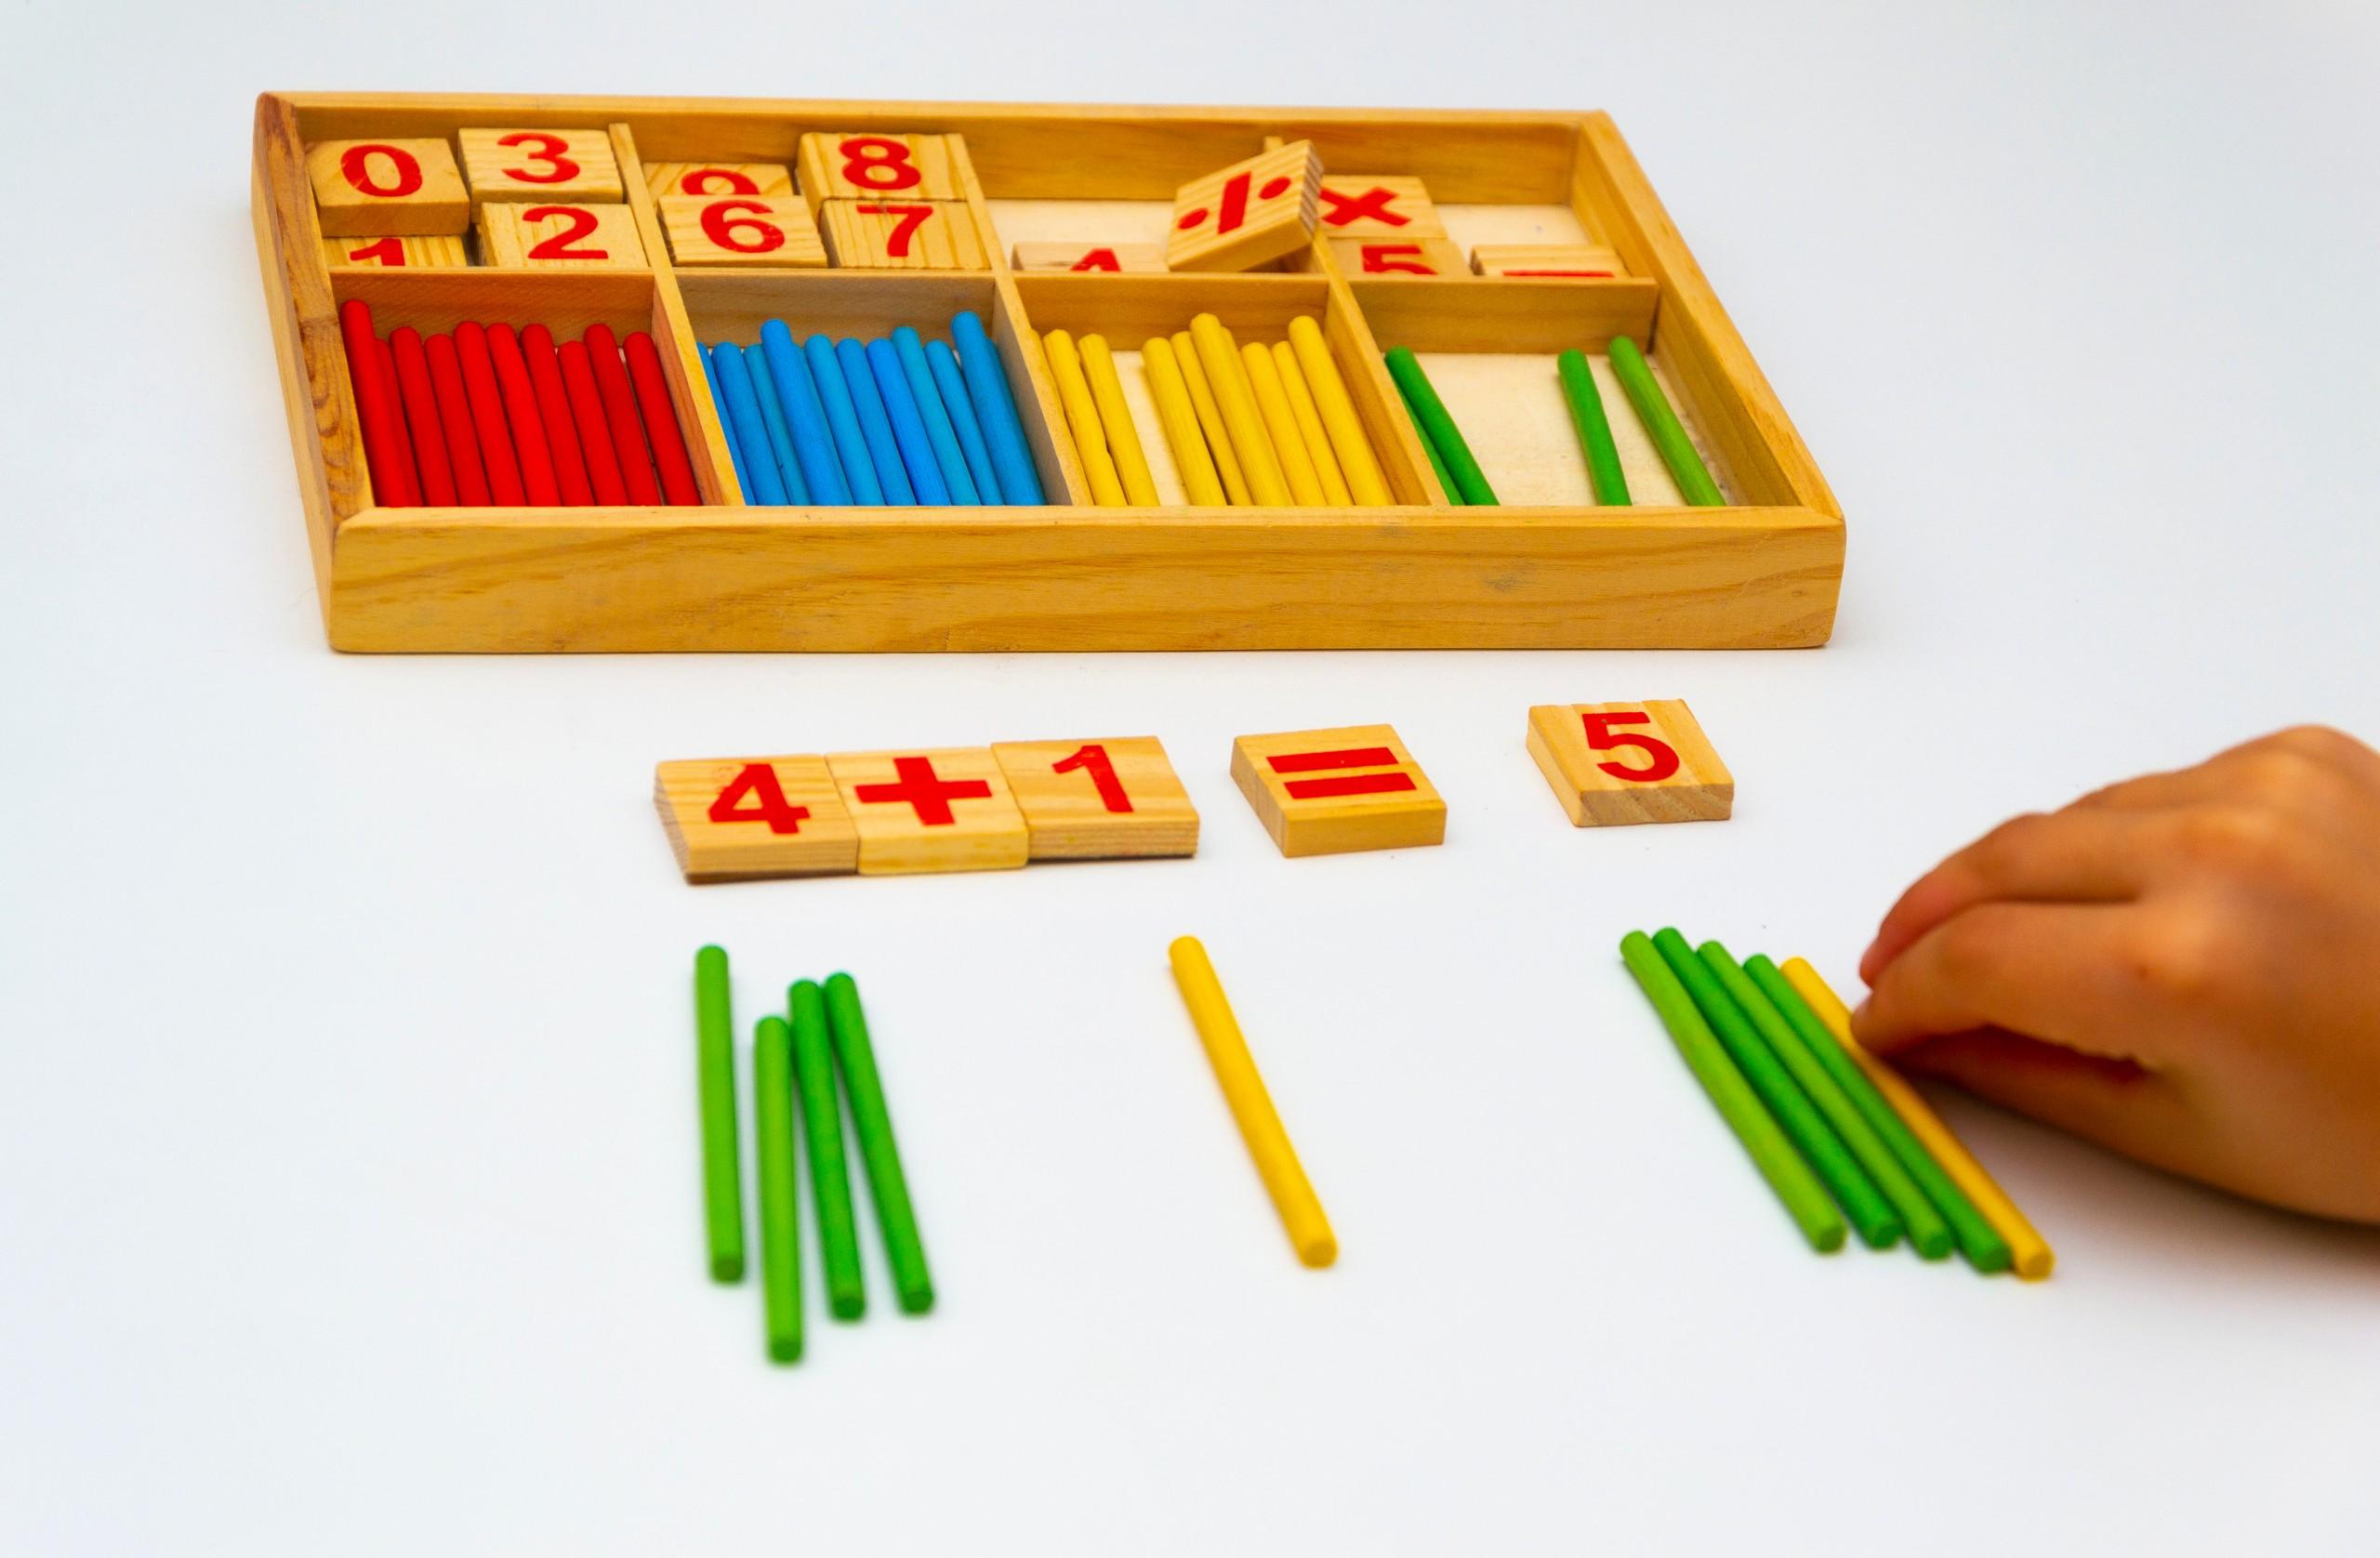 Utilisation de matériel de manipulation pour appuyer l'apprentissage des mathématiques à la maison